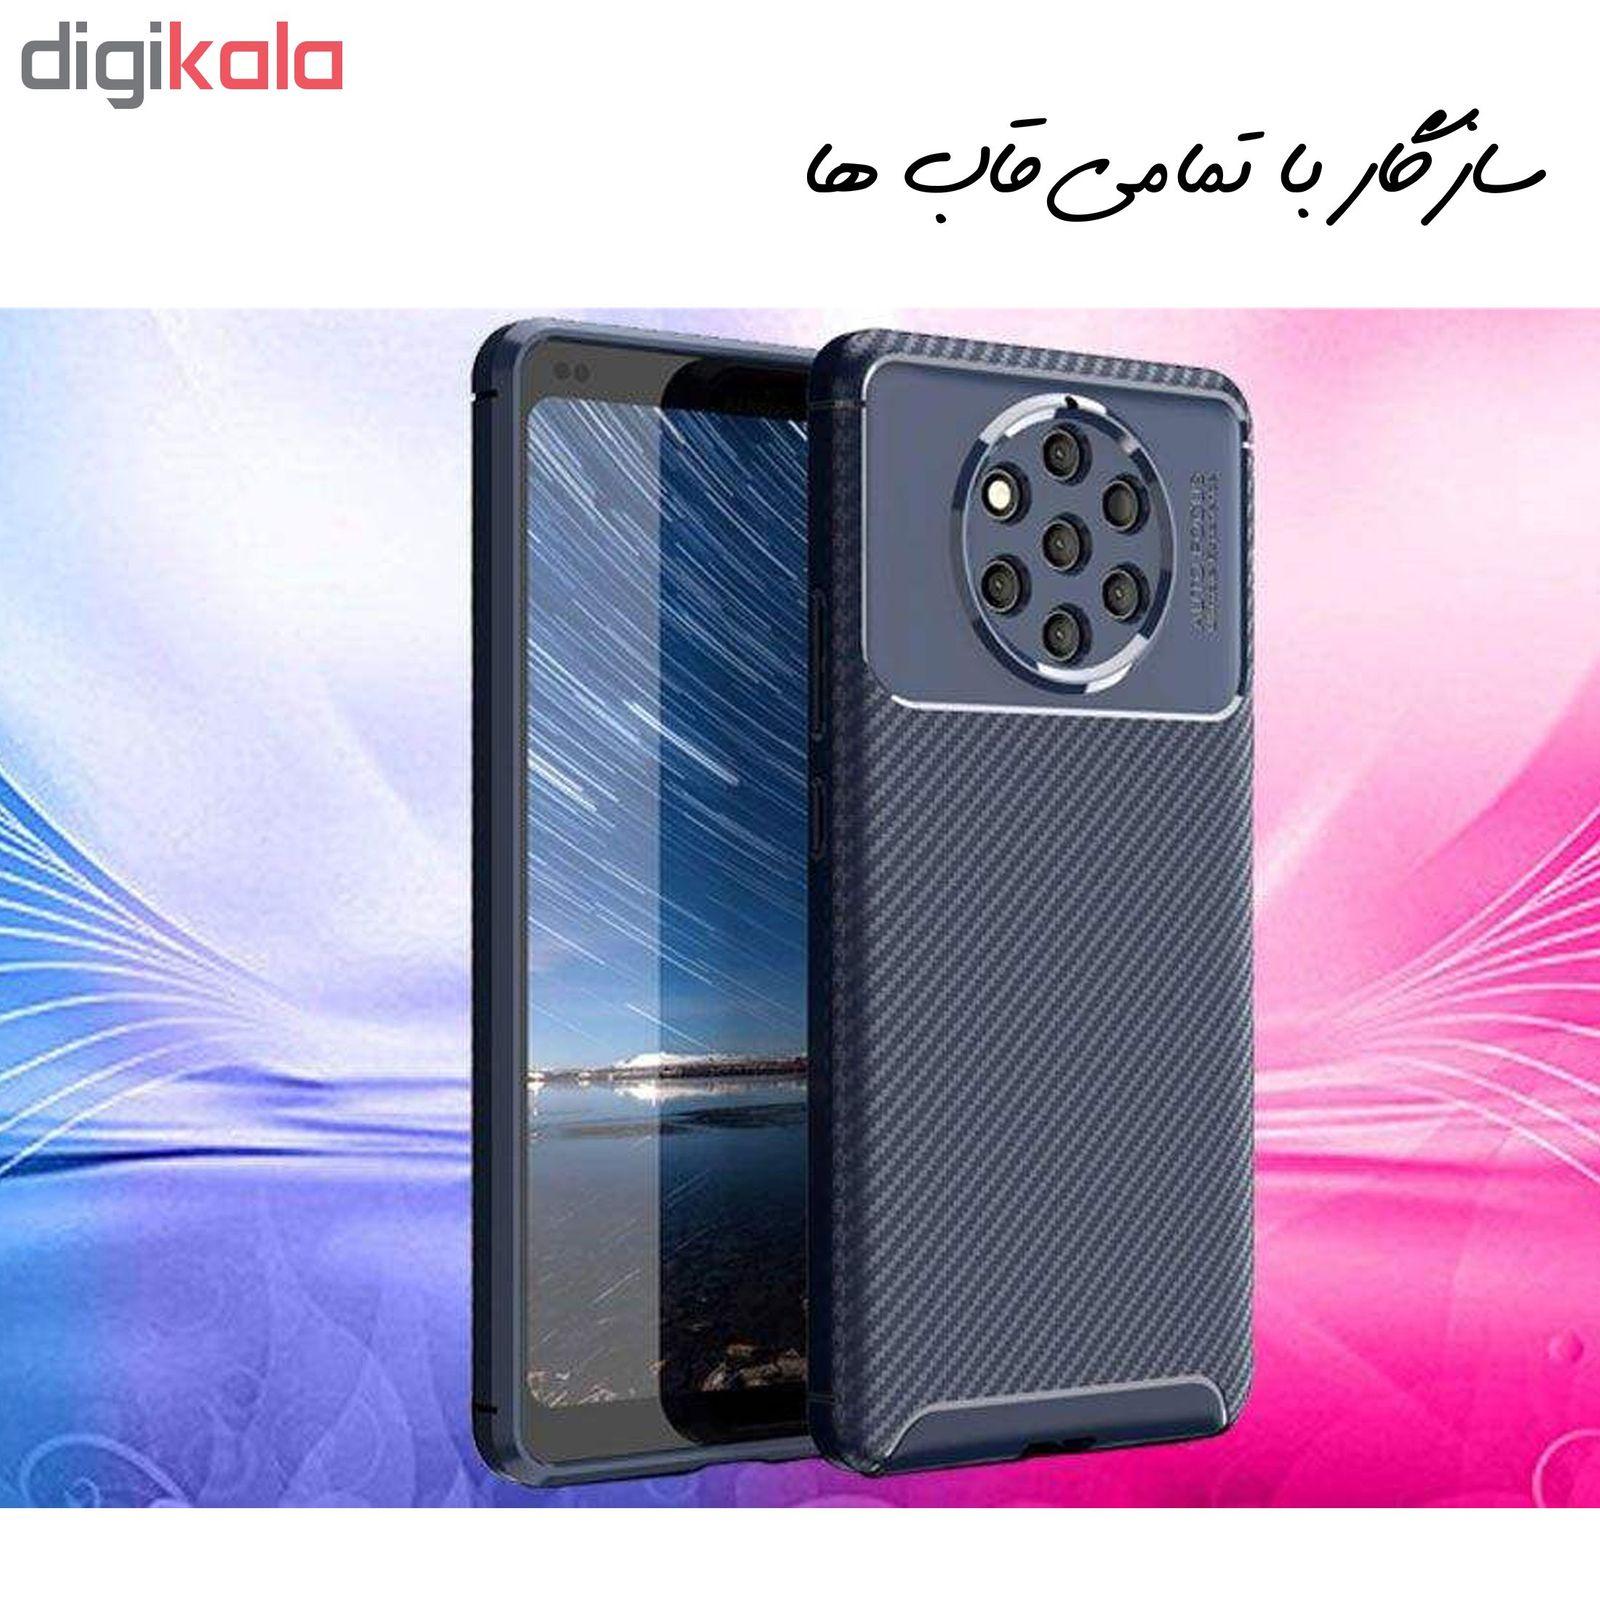 محافظ صفحه نمایش حریم شخصی Hard and Thick  مدل F-01 مناسب برای گوشی موبایل اپل Iphone 11 pro main 1 9